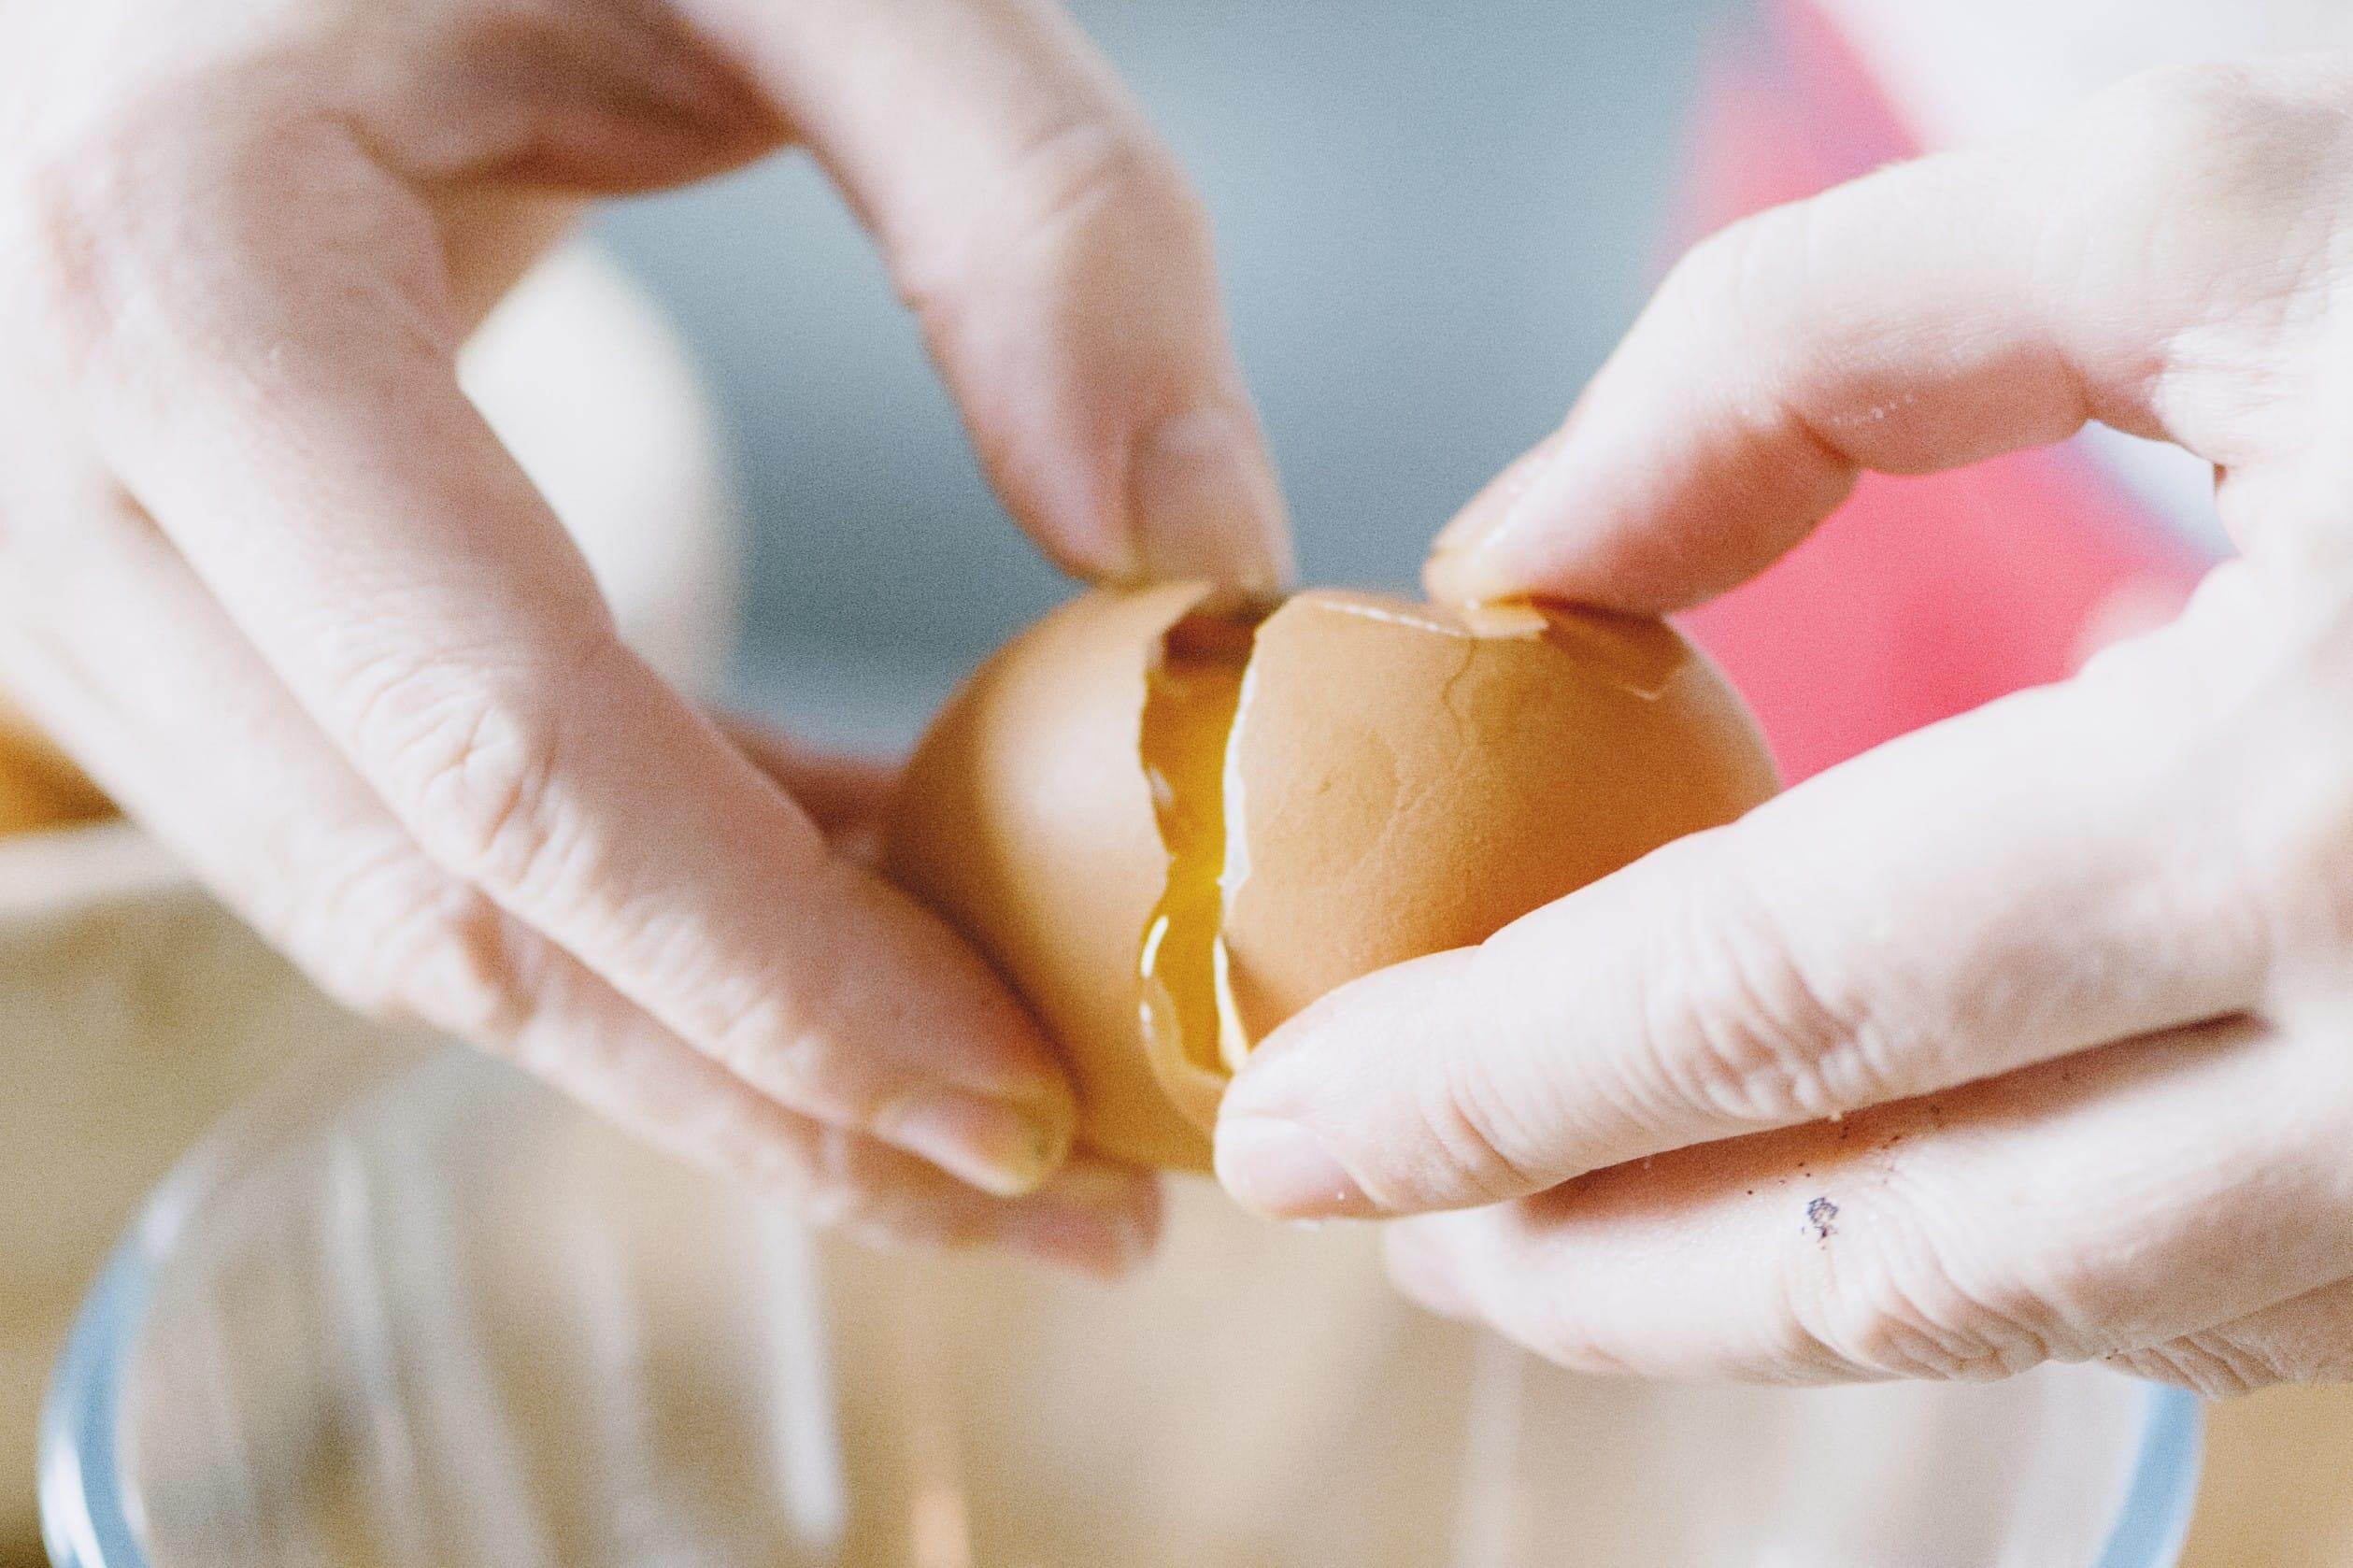 Come leggere il codice sulle uova